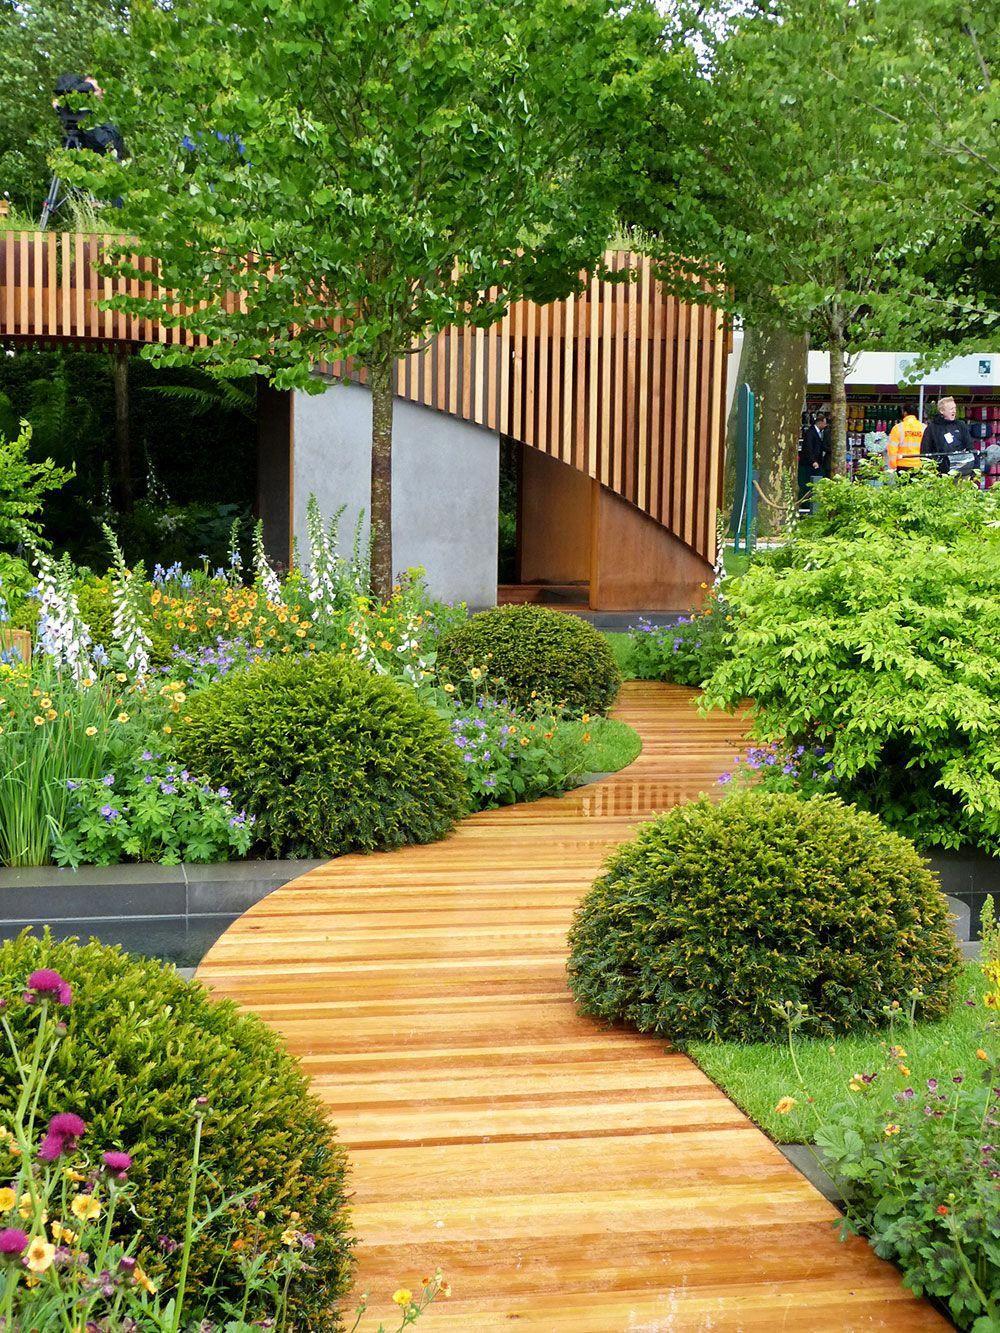 Homebase Urban Retreat garden at RHS Chelsea Flower Show. A cute